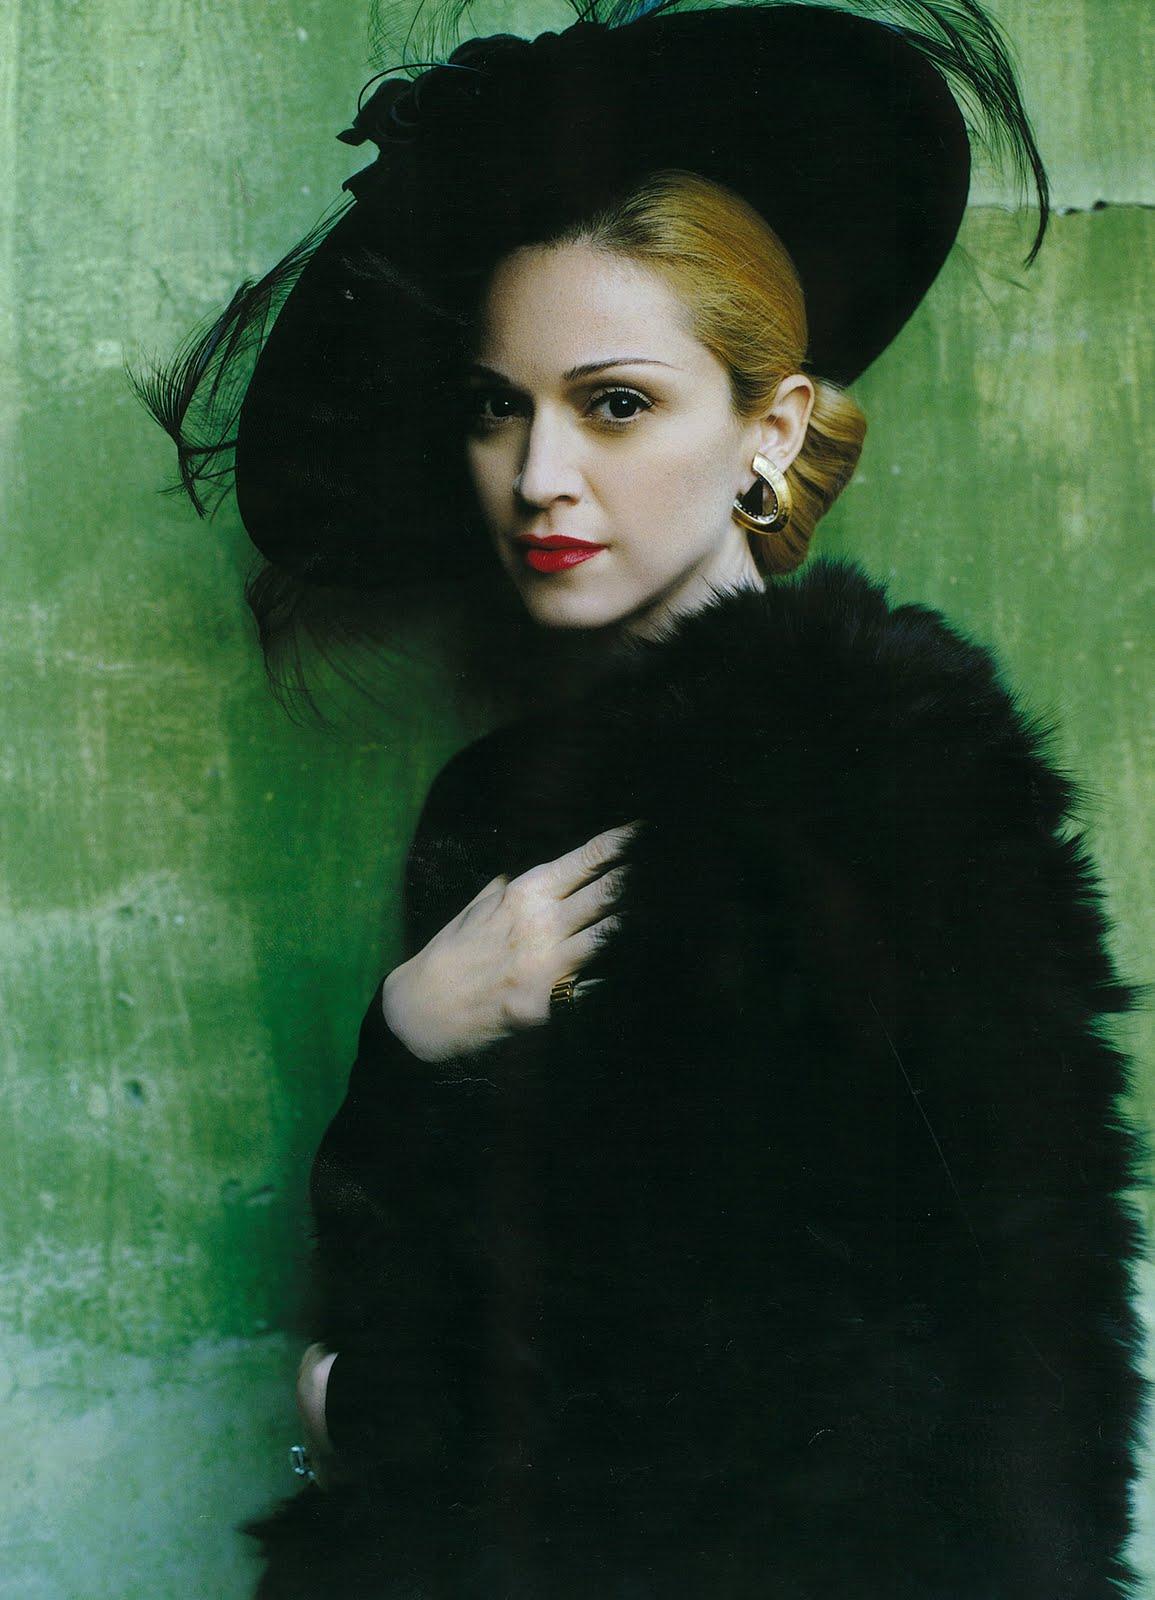 http://4.bp.blogspot.com/-2ZZYkJQ3cxc/TVwgI4aklgI/AAAAAAAAARQ/HKXuylLNpBg/s1600/Madonna3.jpg